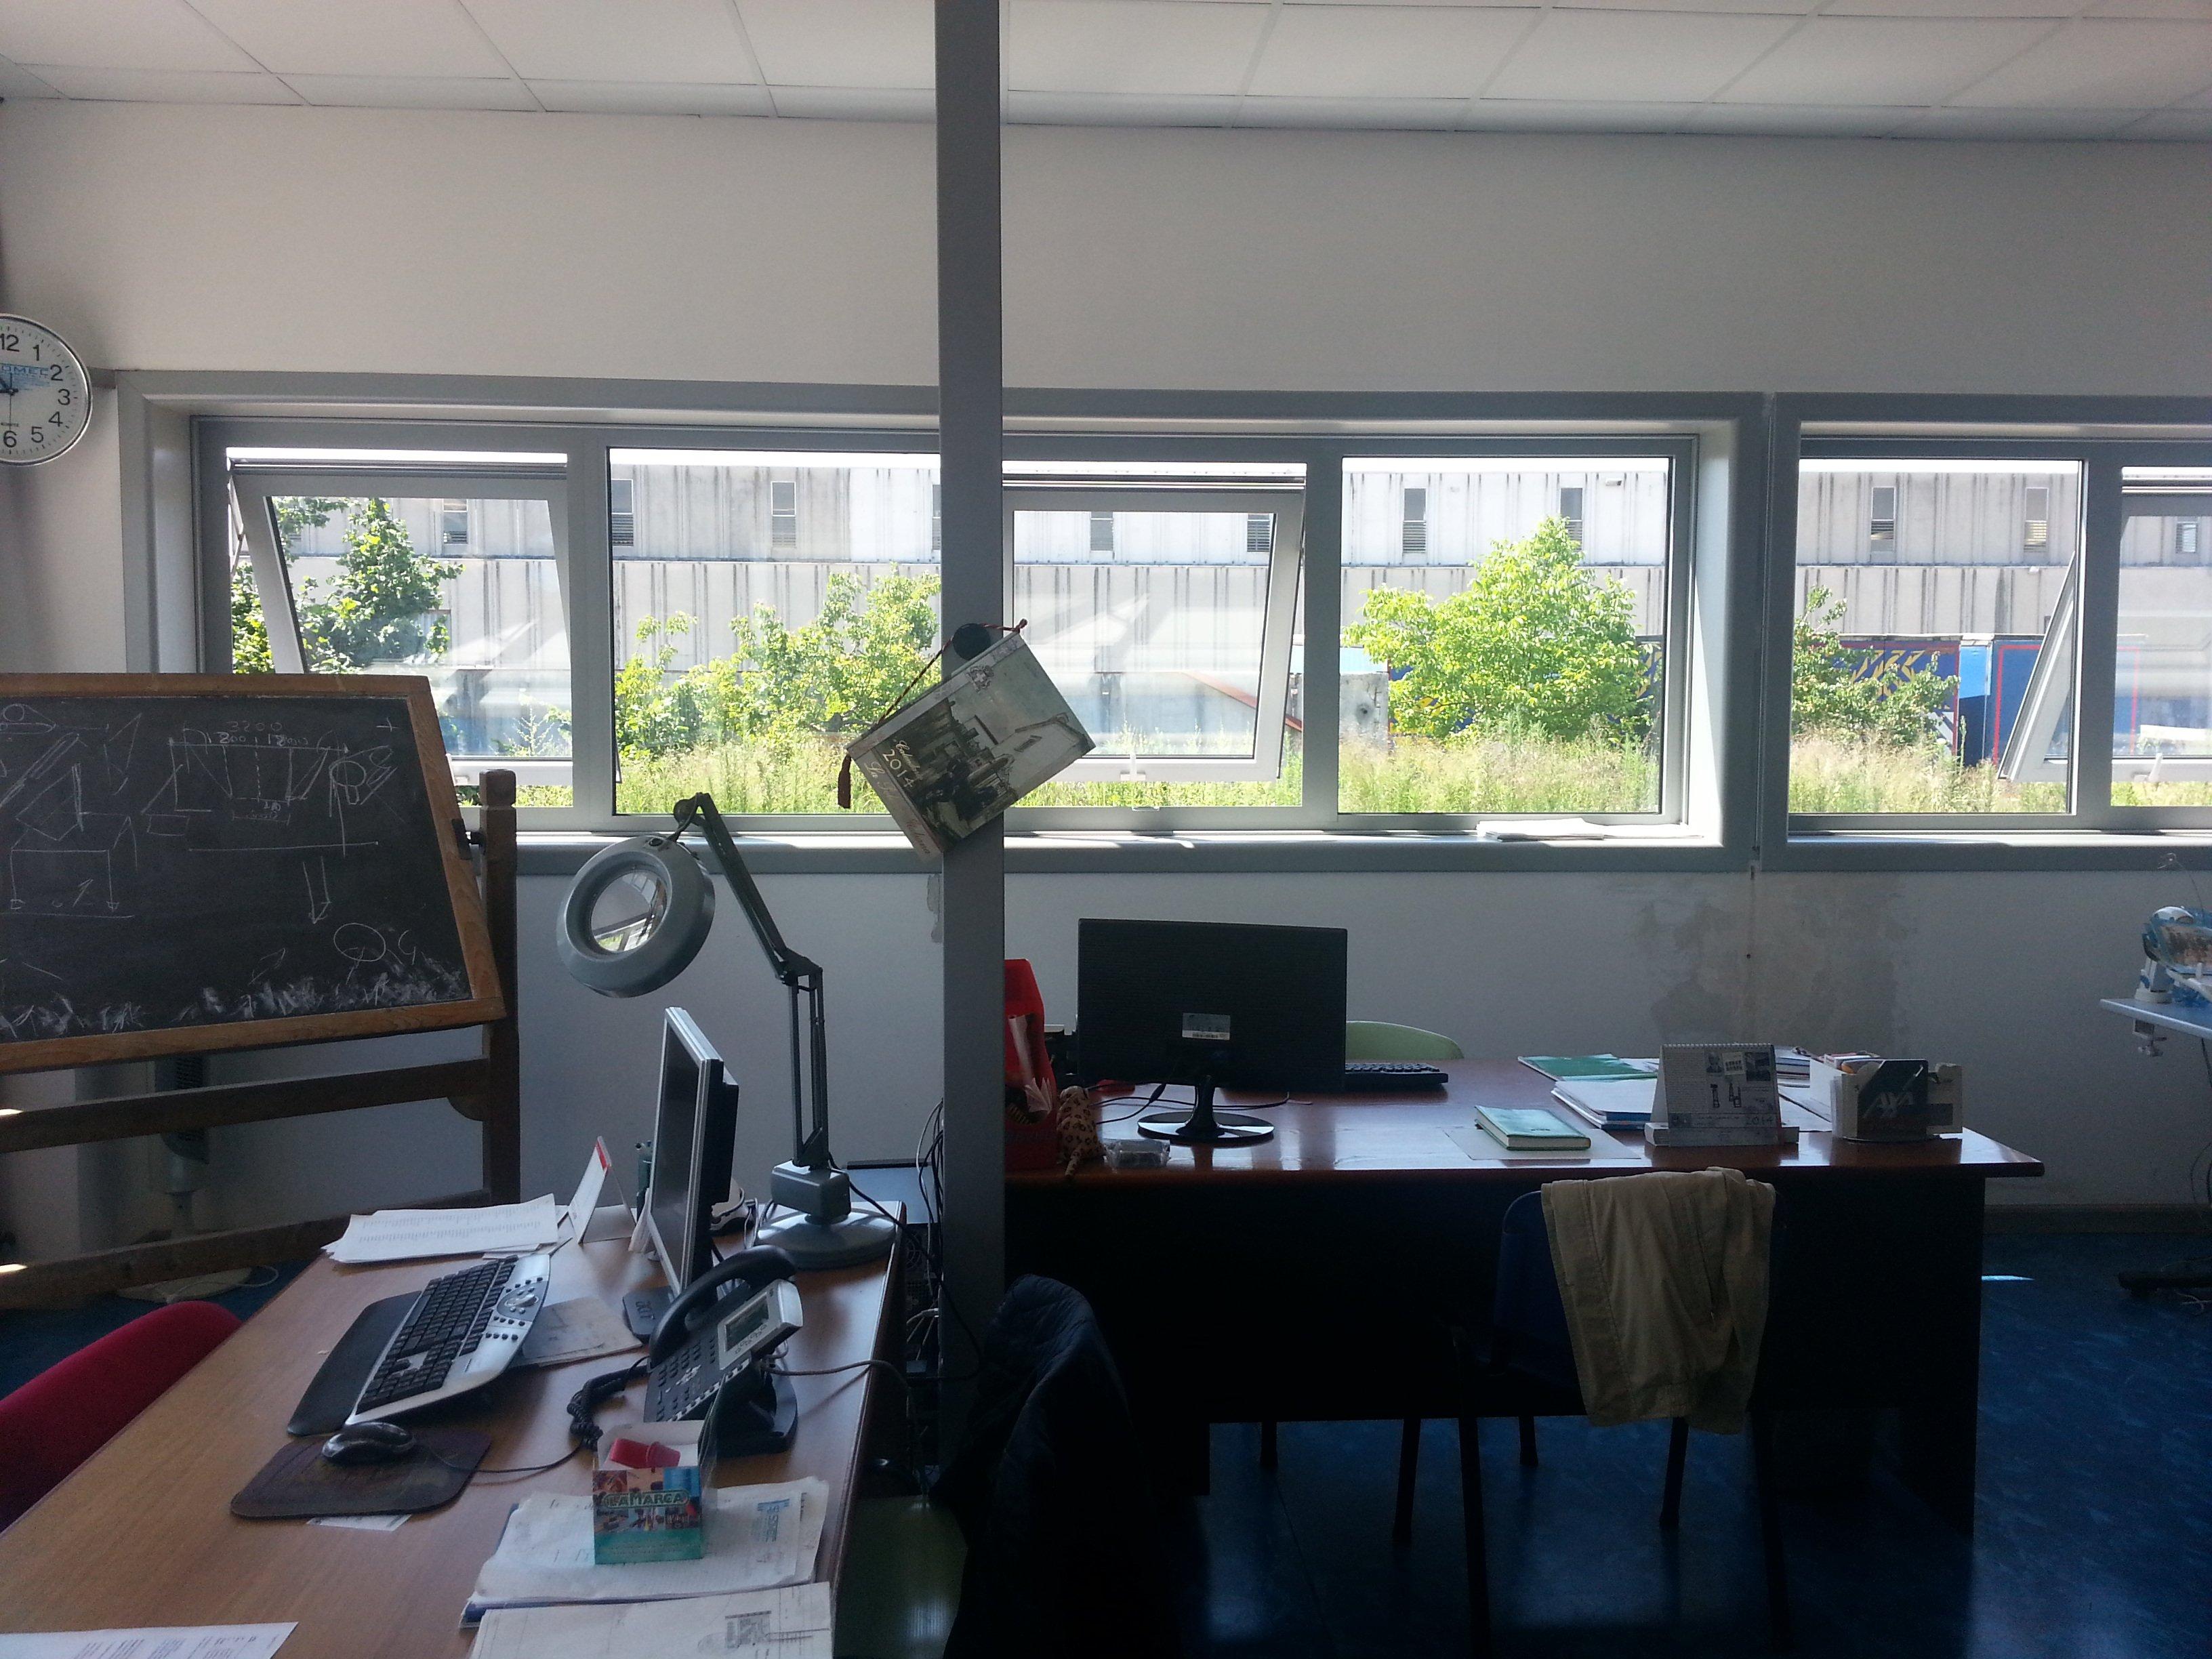 Interno di un ufficio con finestre